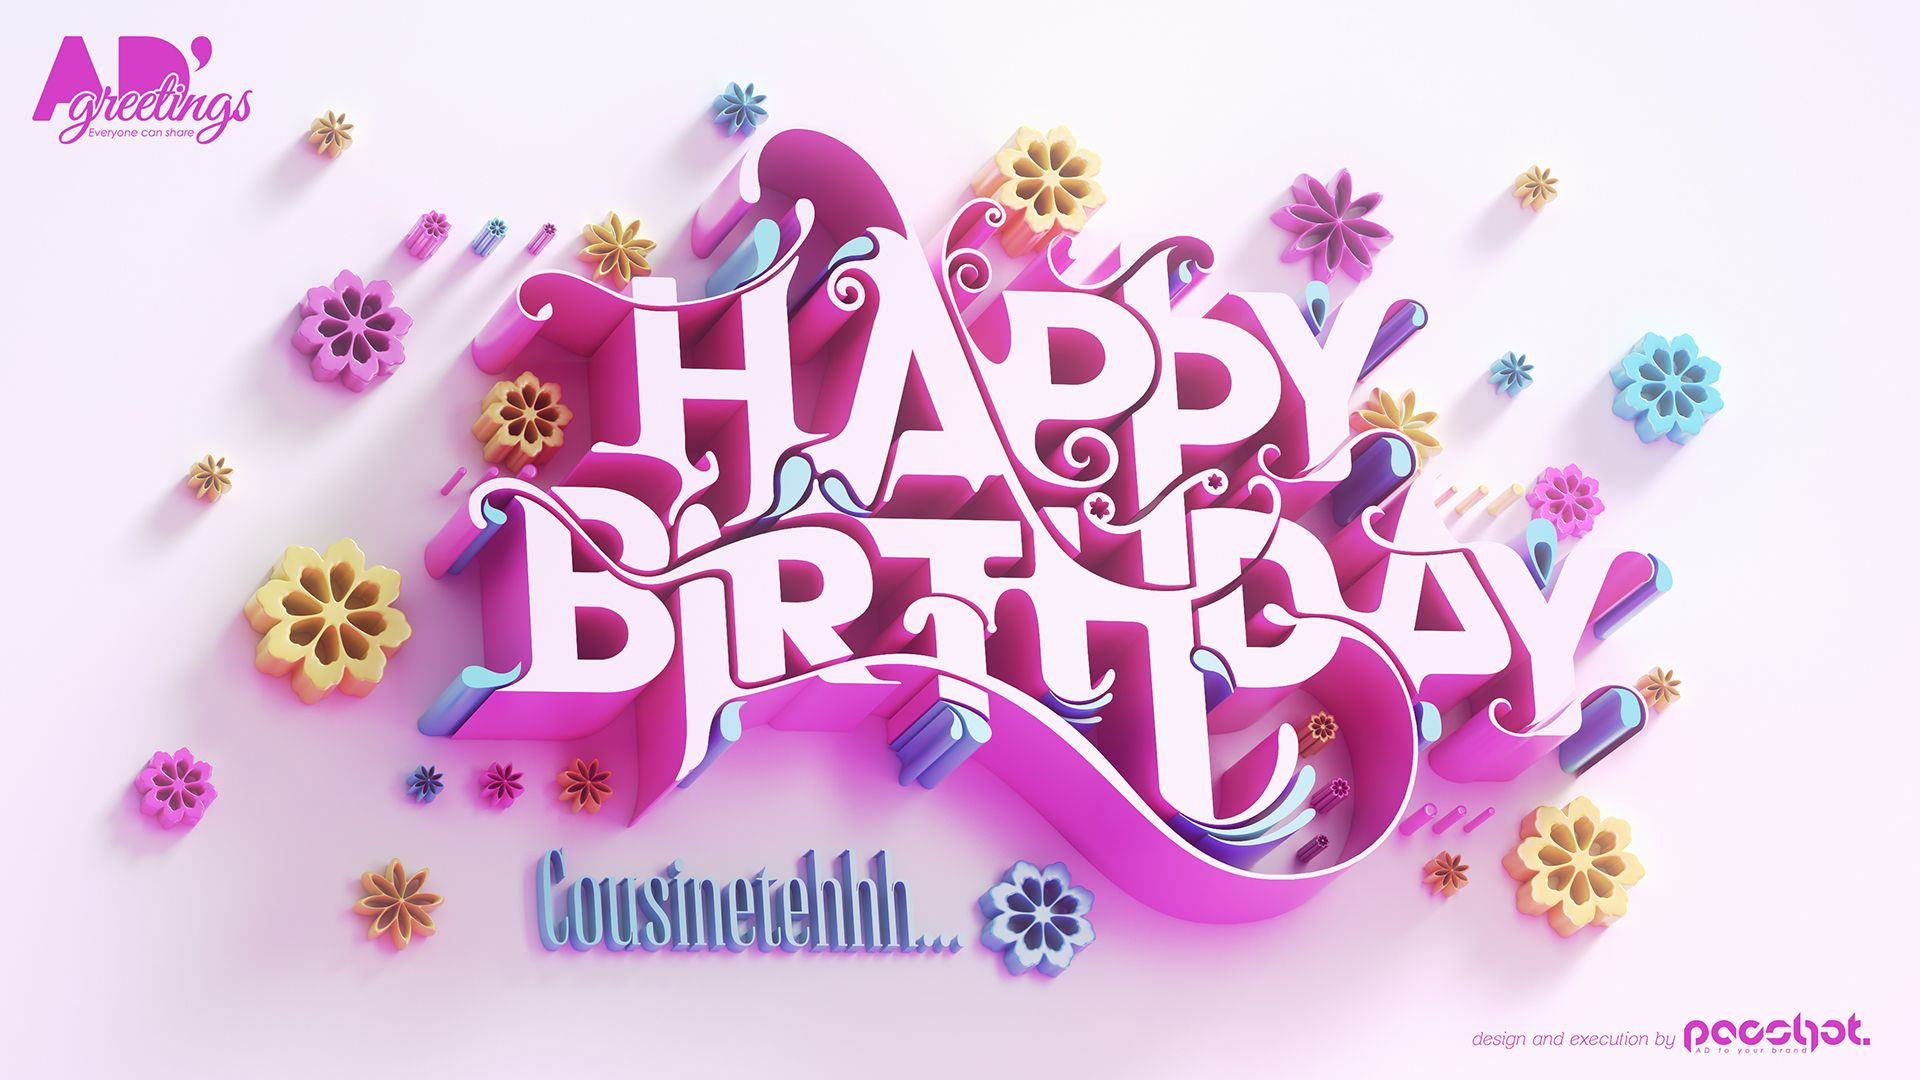 Happy birthday greeting card 2 is a digital greeting card